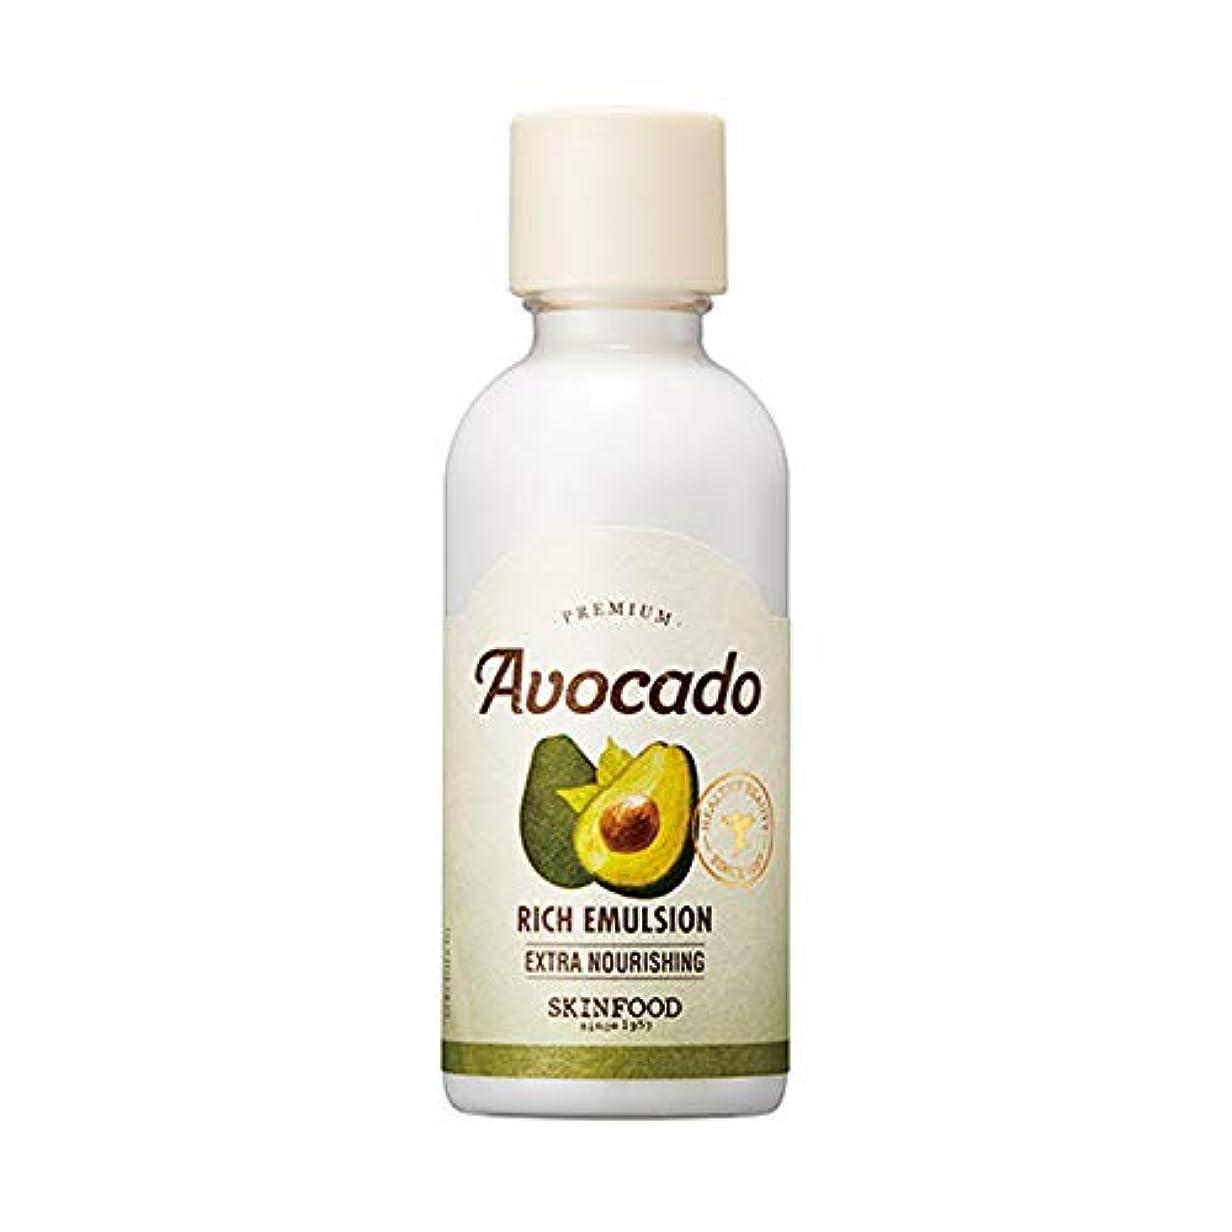 タバコさらに感染するSkinfood プレミアムアボカドリッチエマルジョン/Premium Avocado Rich Emulsion 160ml [並行輸入品]